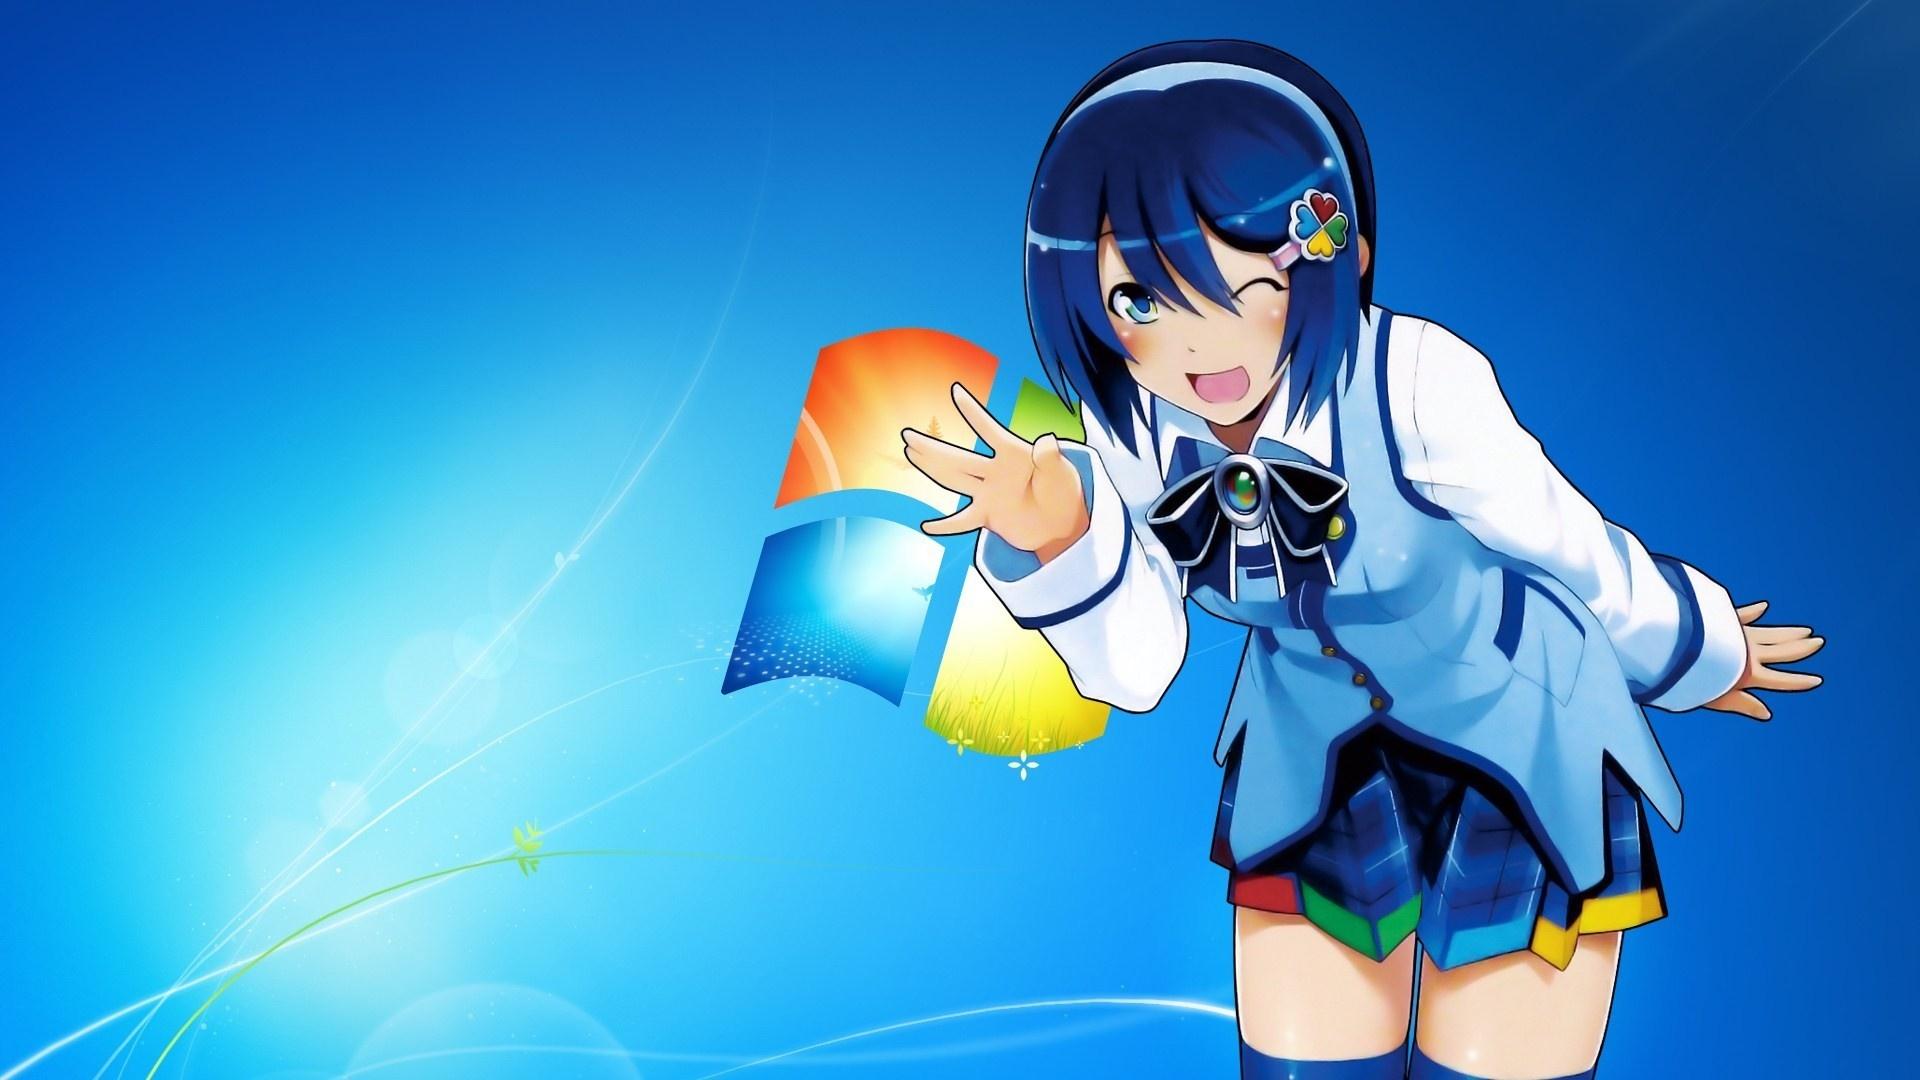 Anime Girls For Windows windows wallpaper